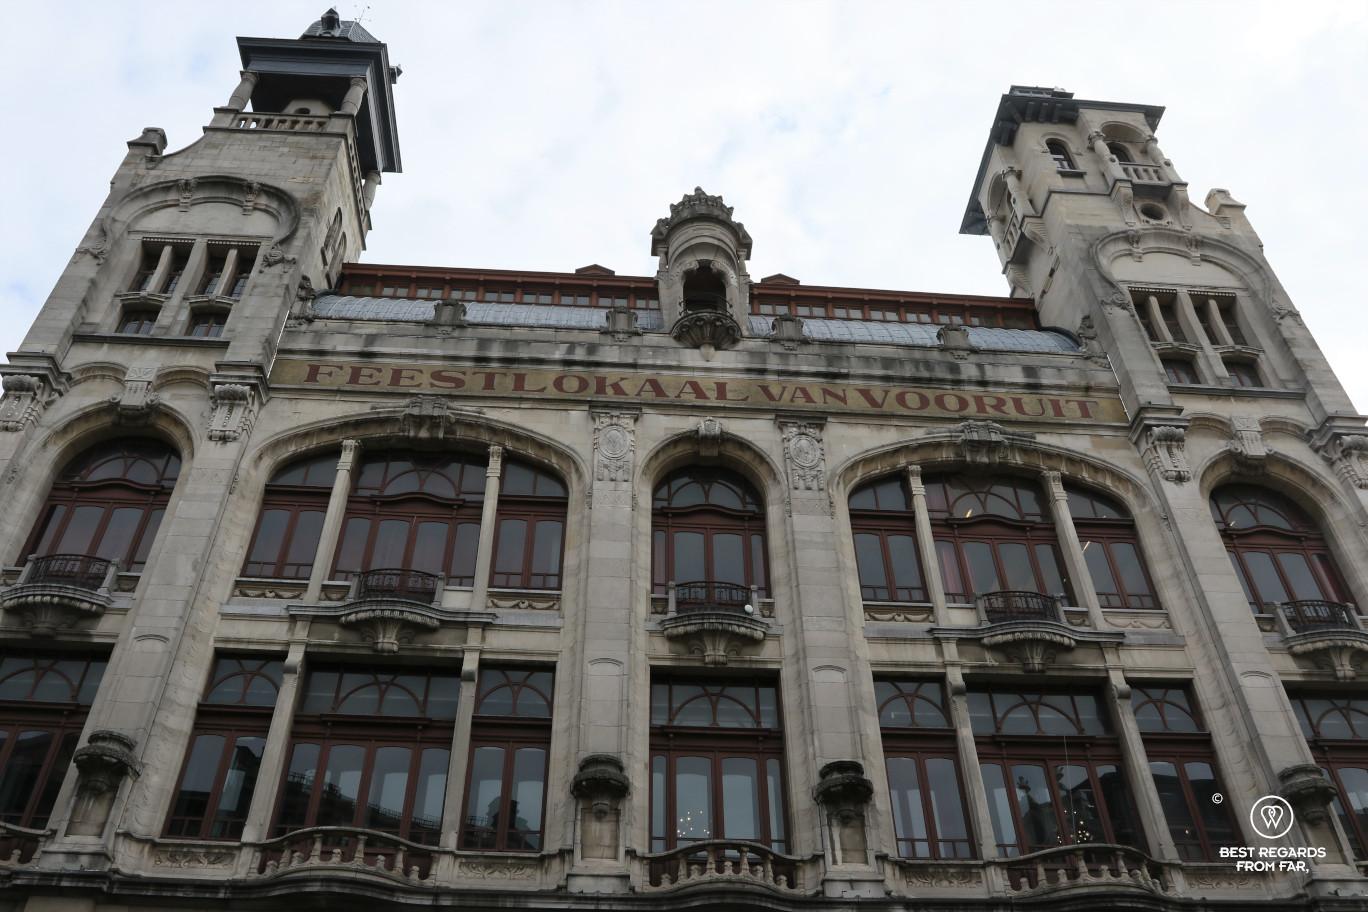 Architectural hightlight of Ghent, Belgium